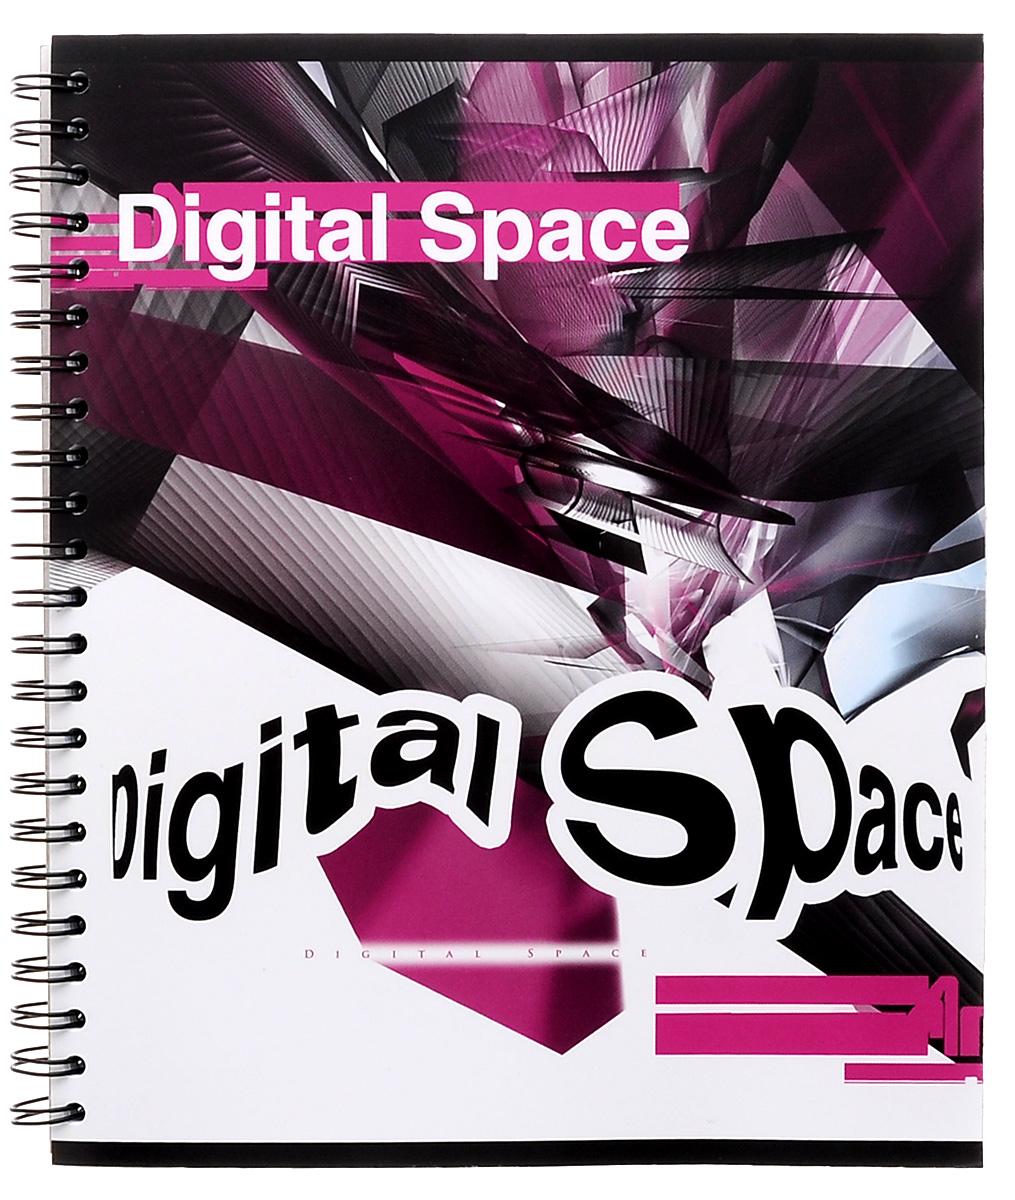 Полиграфика Тетрадь в клетку Digital Space, 80 листов, формат А537631_черн_бел_розТетрадь в клетку Полиграфика Digital Space с красочным изображением на обложке подойдет как студенту, так и школьнику. Обложка тетради выполнена из плотного картона. Внутренний блок состоит из 80 листов белой бумаги на гребне. Разметка страниц стандартная - в голубую клетку, без полей.